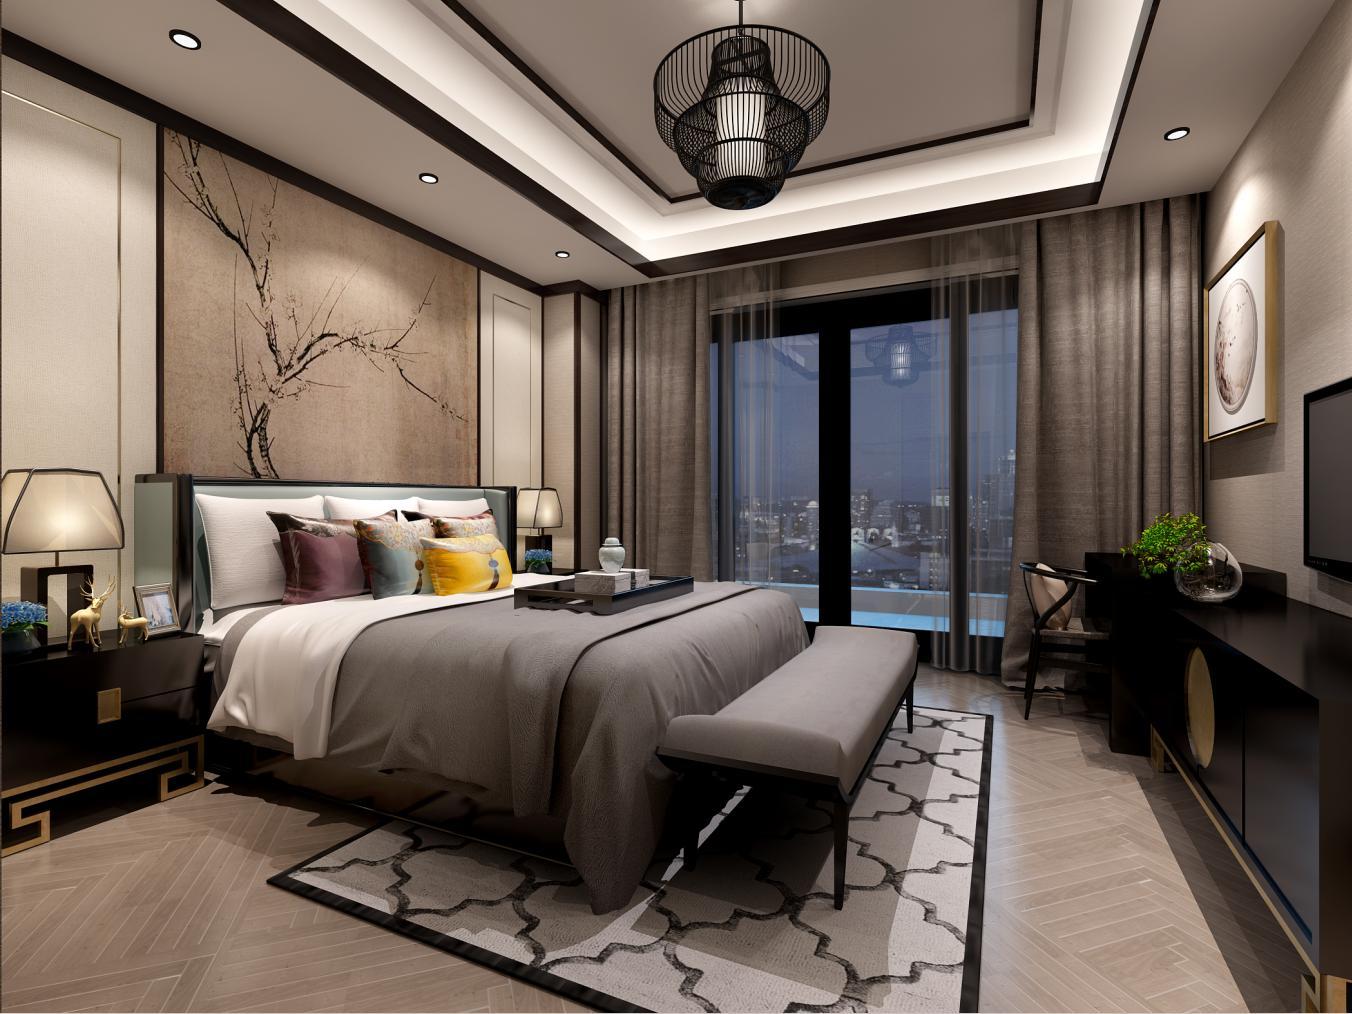 法兰西世家 别墅装修 新中式风格 腾龙设计 卧室图片来自孔继民在法兰西世家别墅装修新中式设计的分享